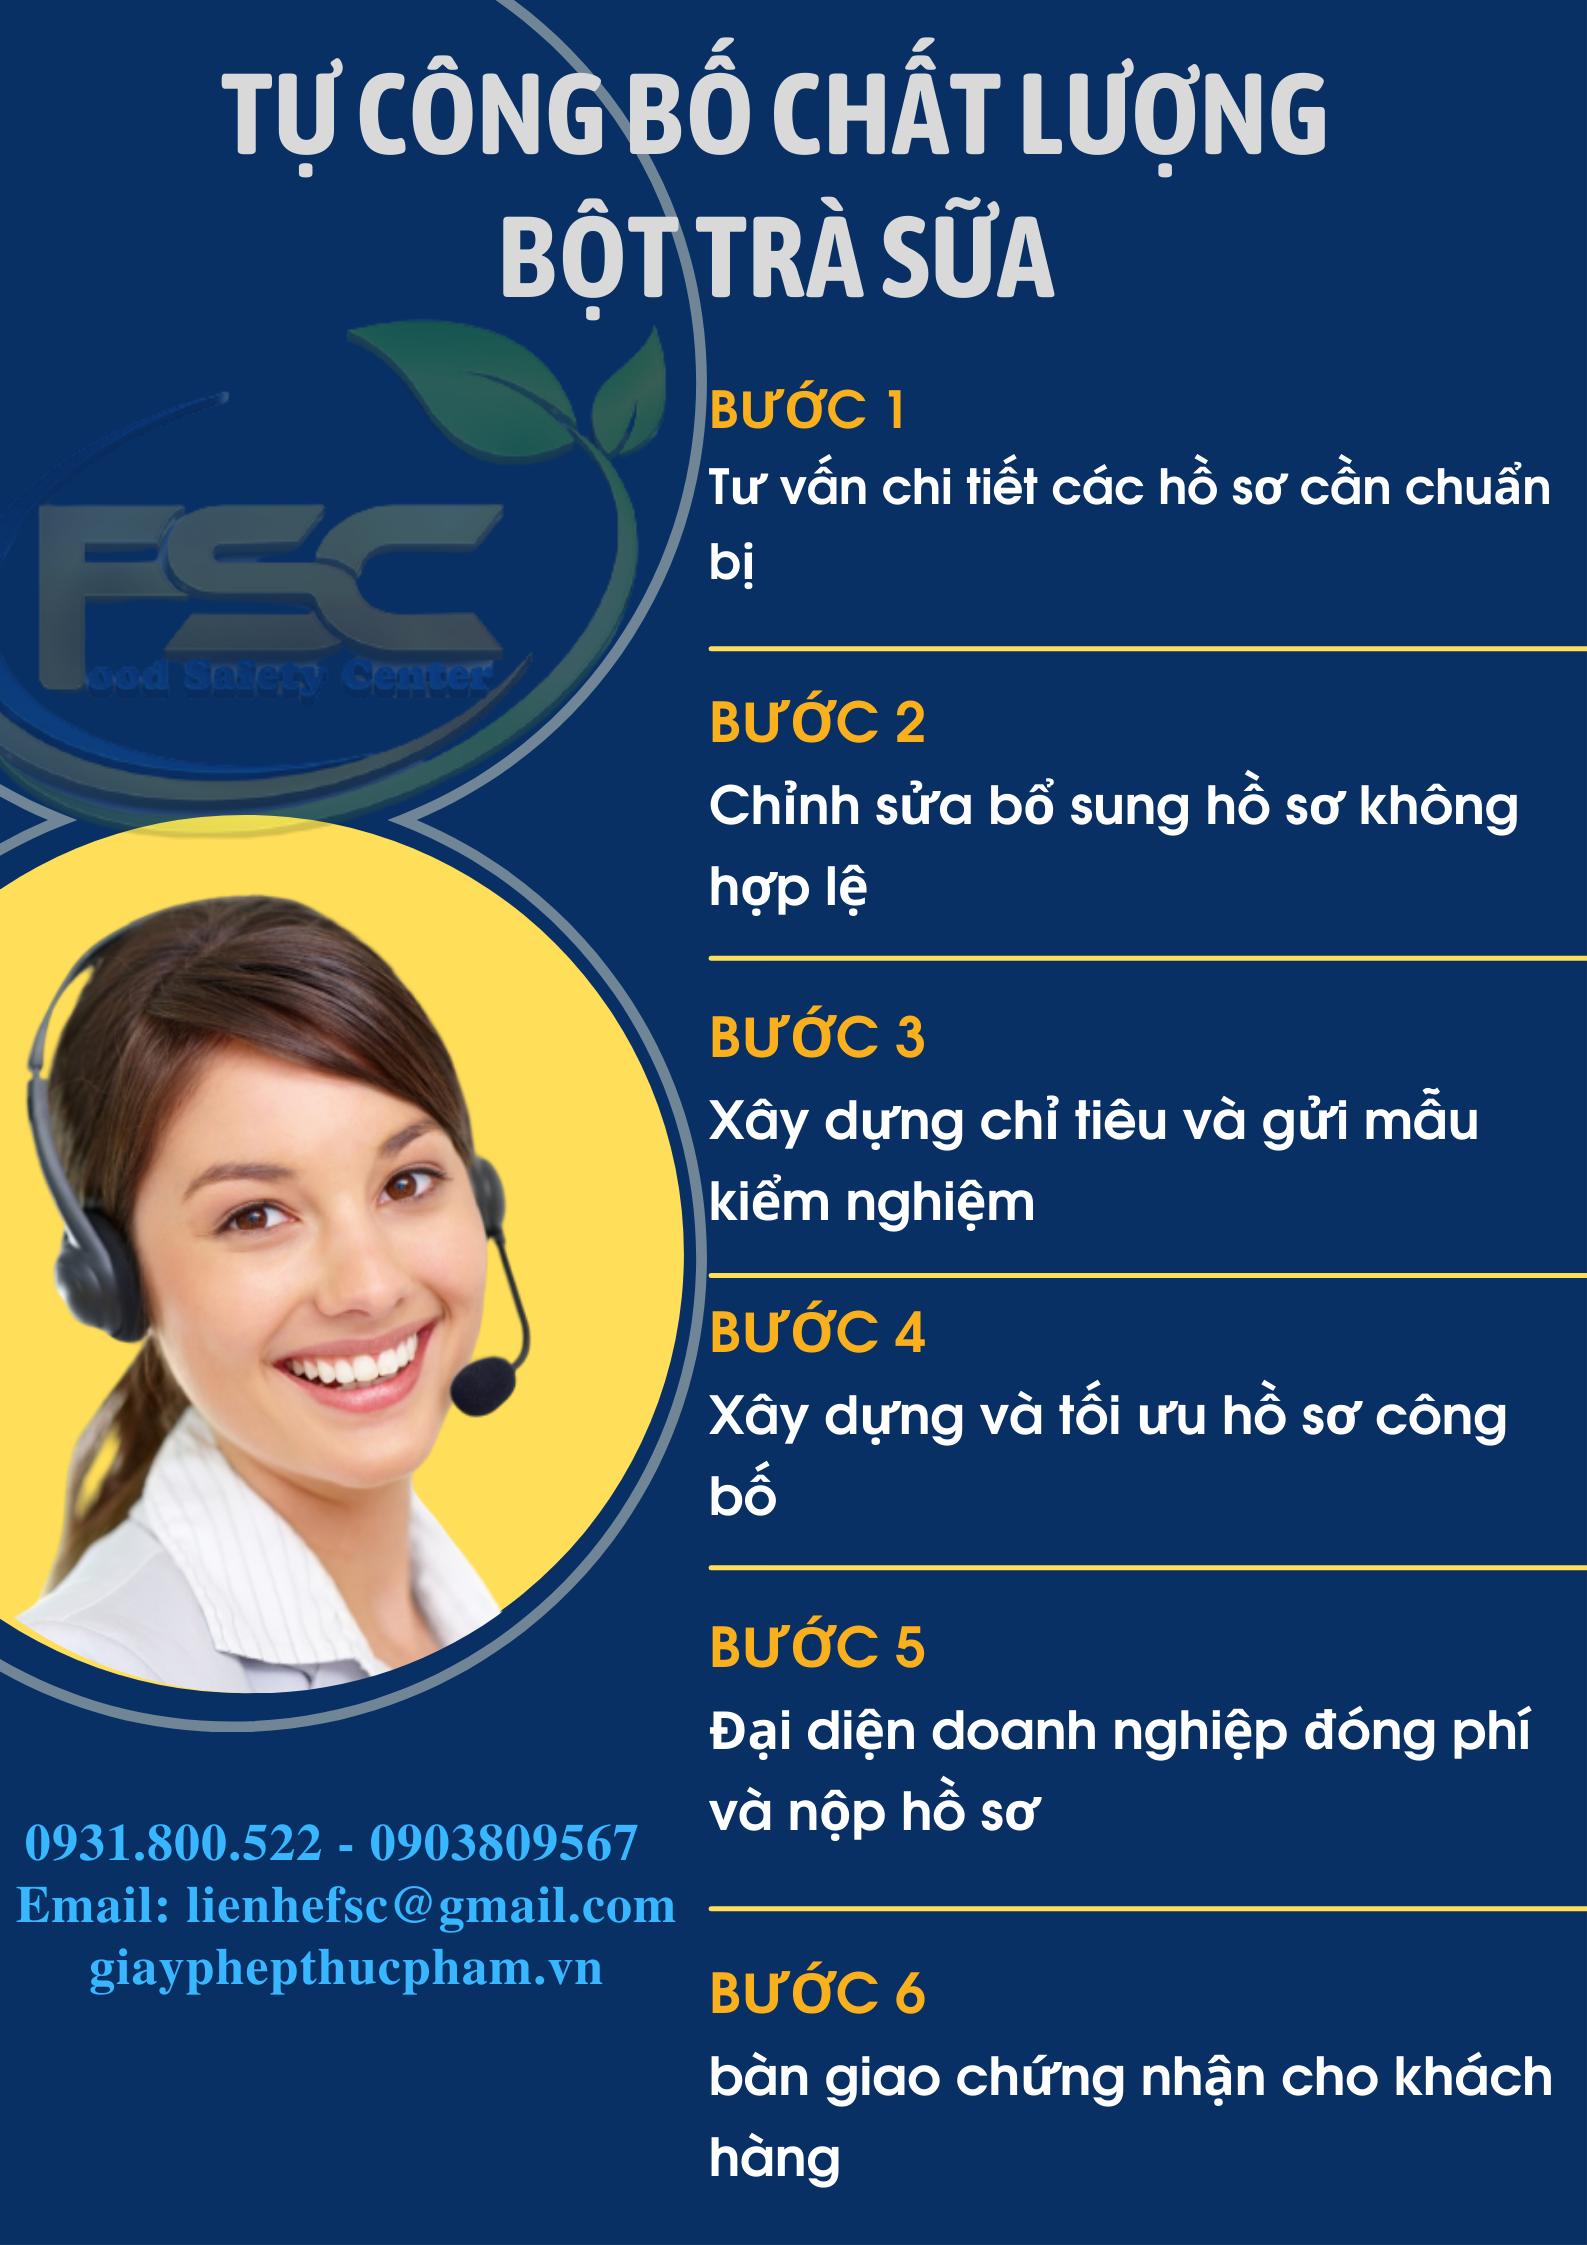 tu-cong-bo-chat-luong-bot-tra-sua-trong-nuoc-va-nhap-khau